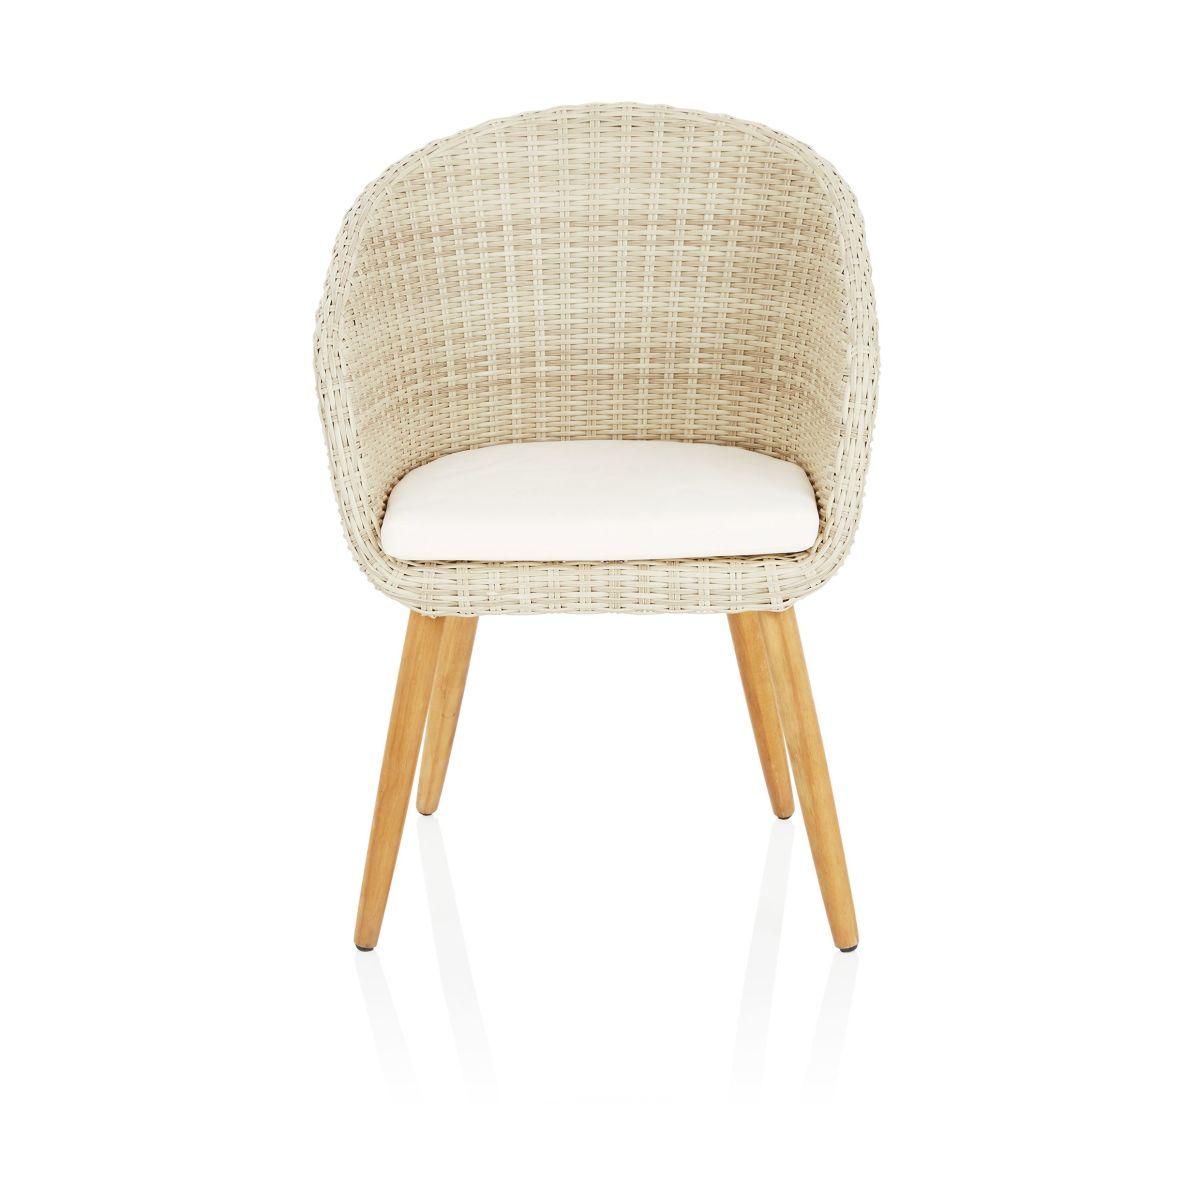 Outdoor-Armlehnstuhl, inkl. Sitzkissen, modern, Kunststoffrattan, Akazie massiv (Impressionen)